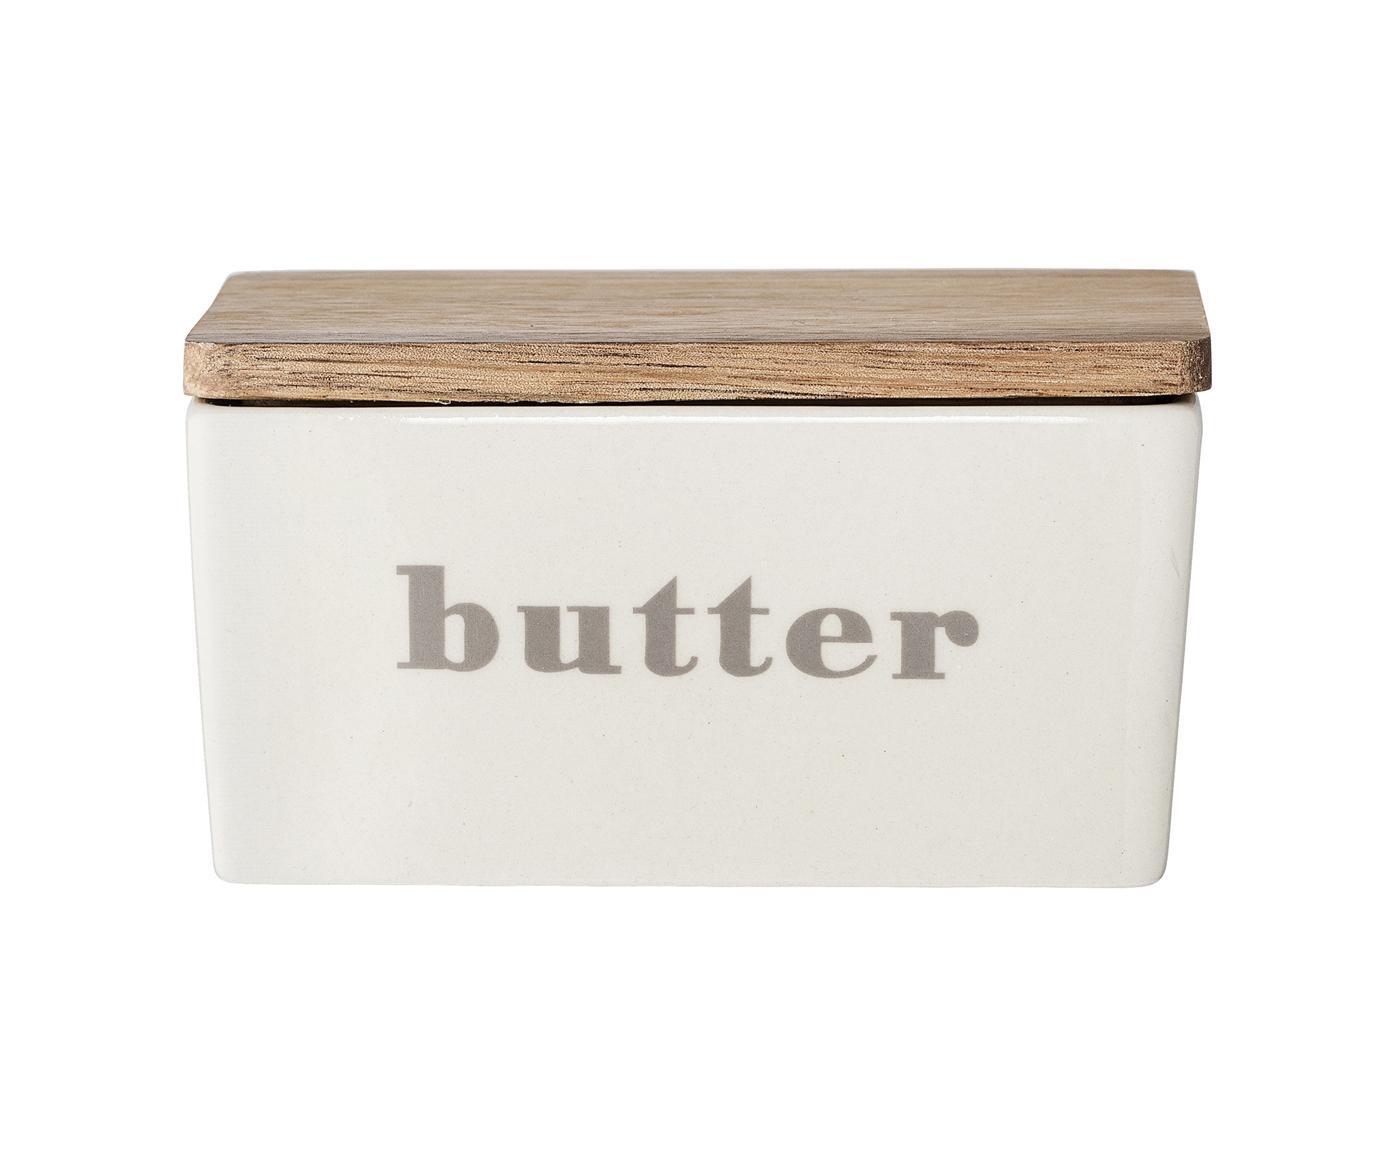 Burriera Bamboo, Contenitore: gres, Coperchio: legno di bambù, Contenitore: bianco latte, beige Coperchio: bambù, Larg. 13 x Alt. 7 x Prof. 9 cm